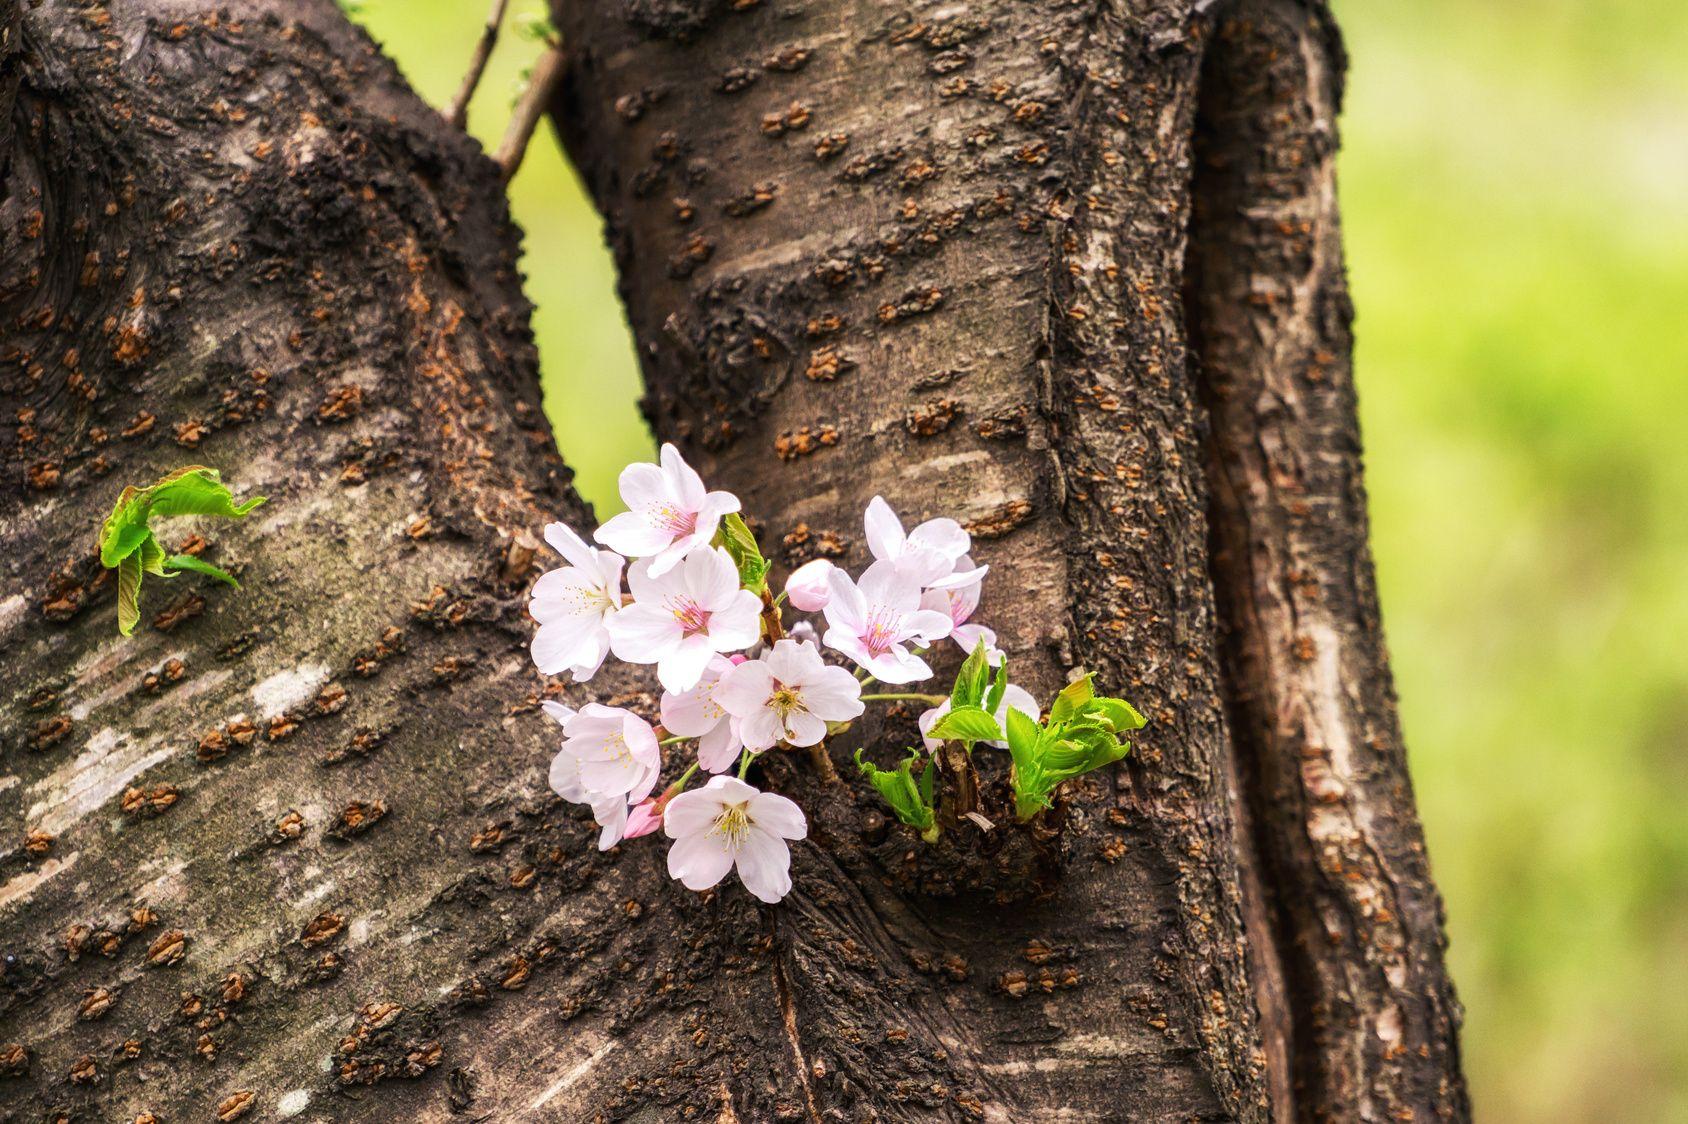 Hauteur Cerisier Du Japon mieux vaut-il tailler ou remplacer de vieux cerisiers du japon ?